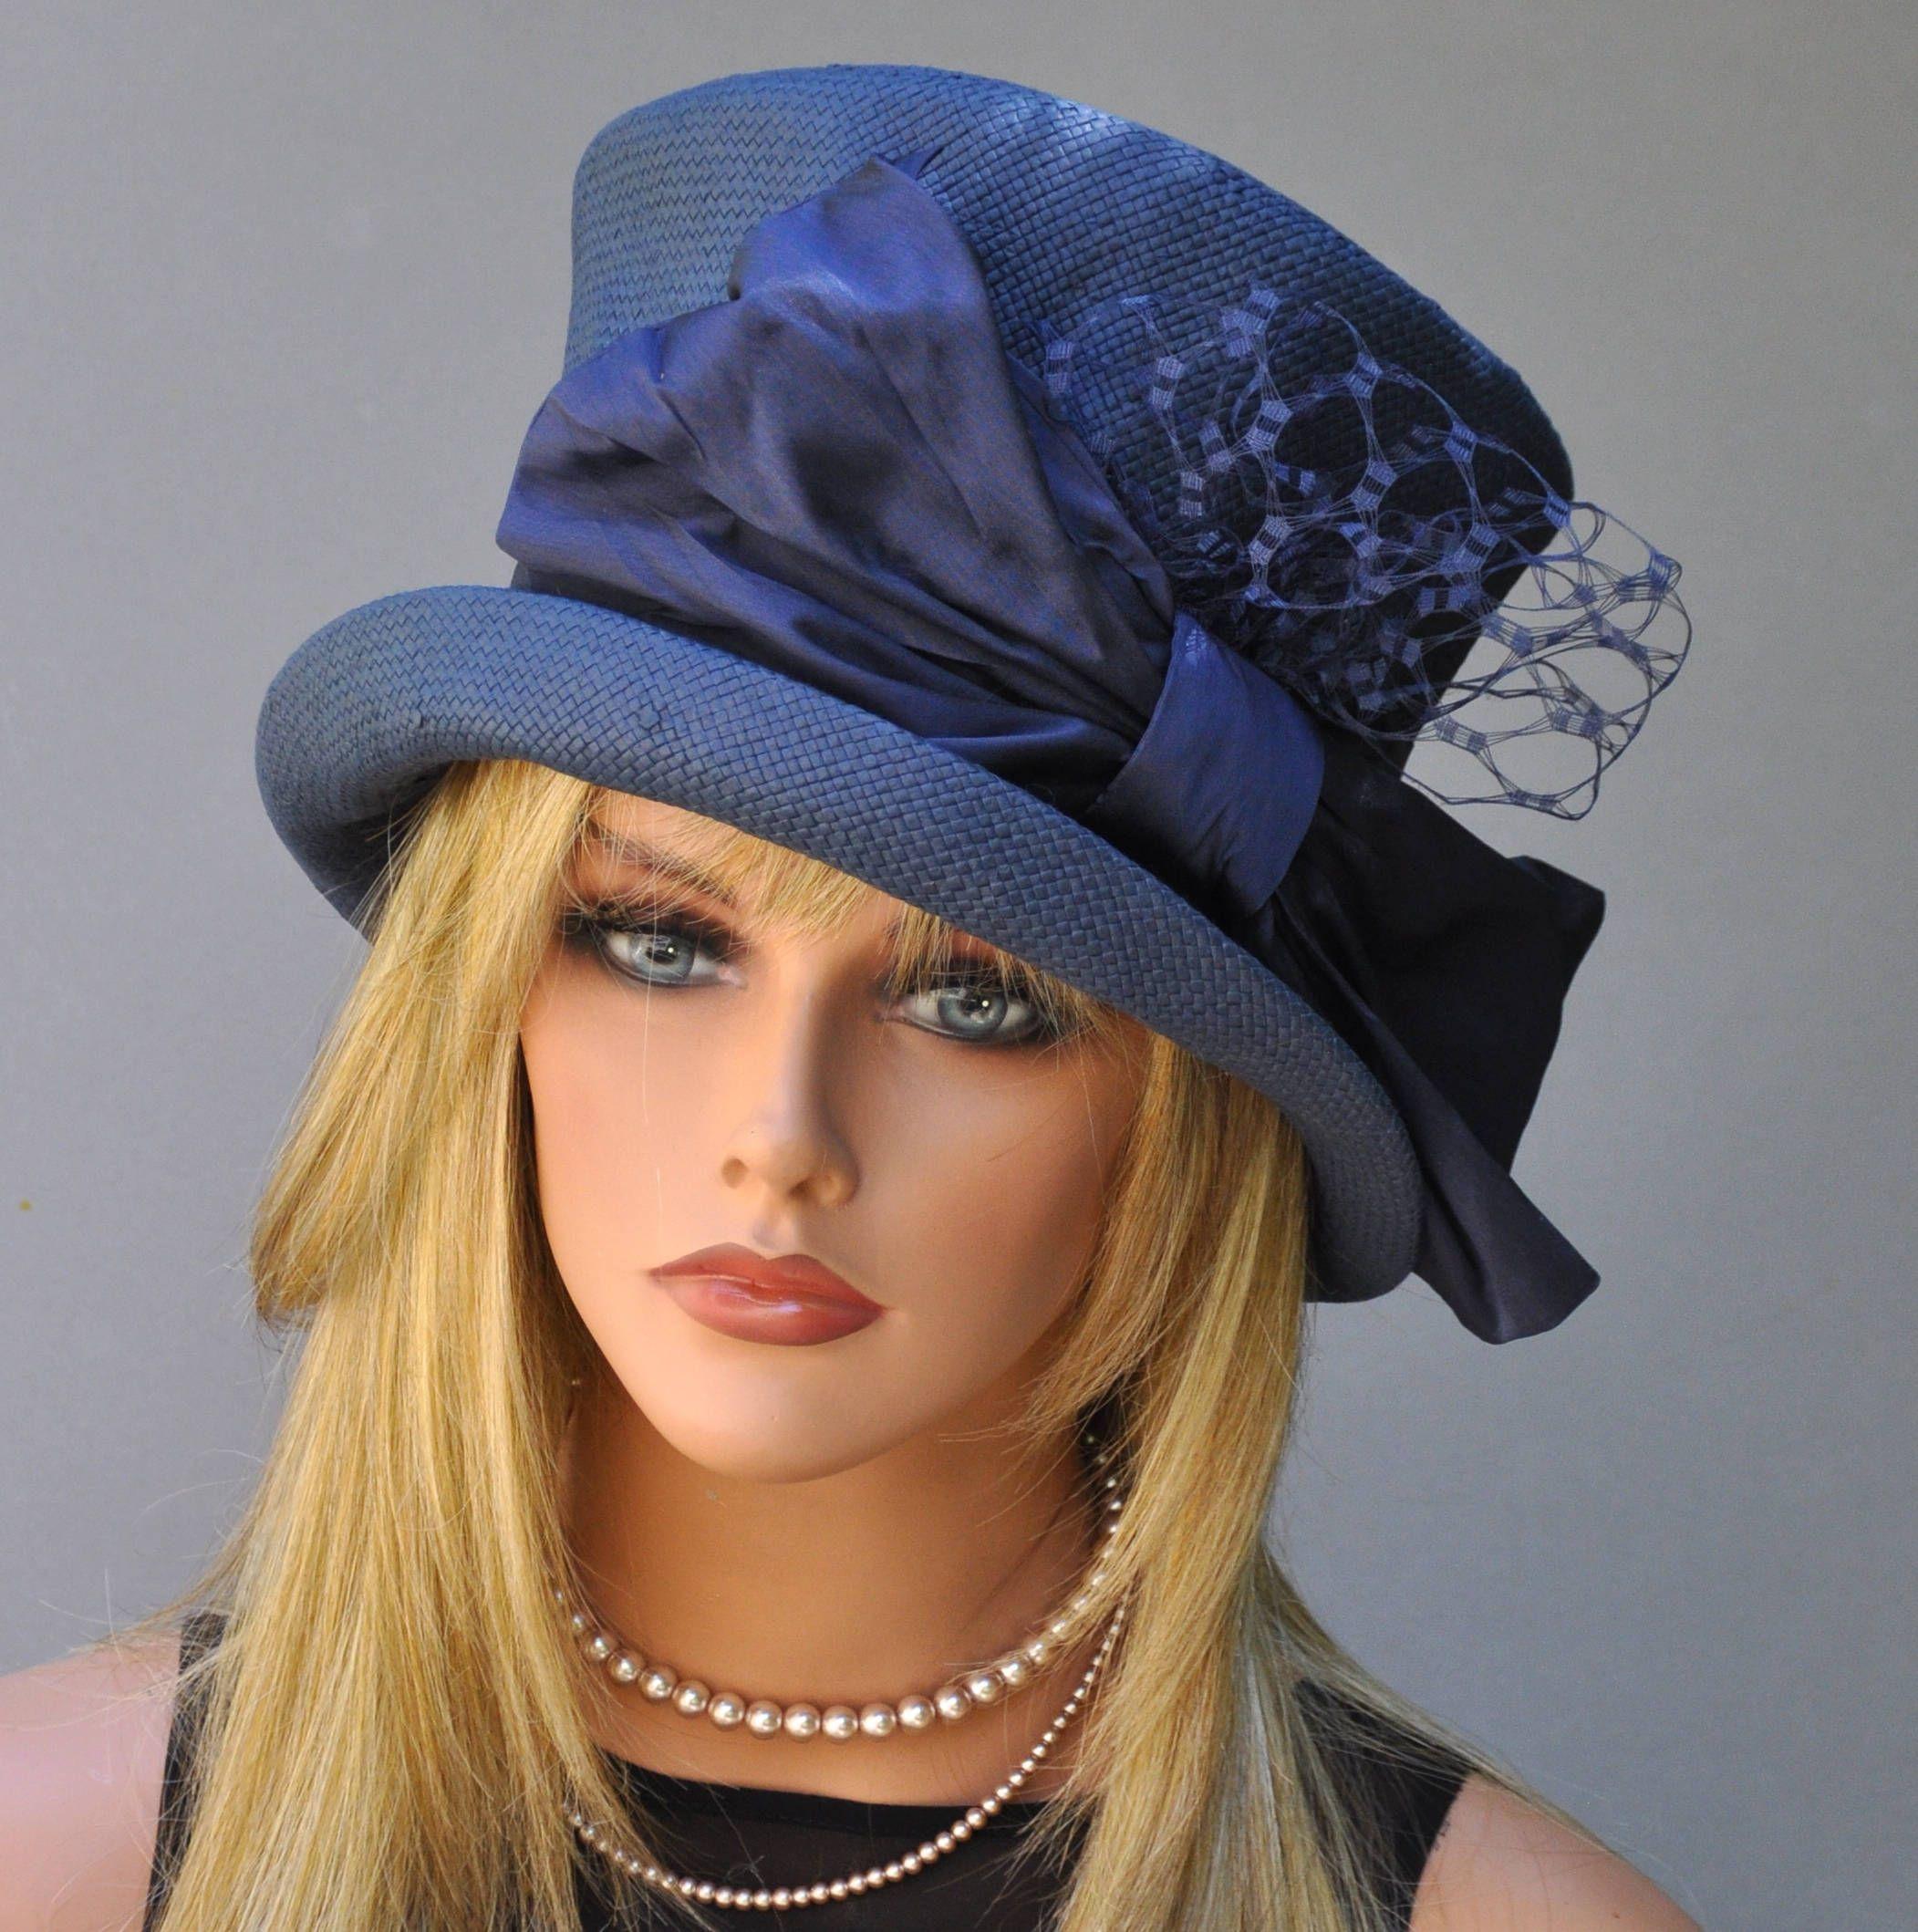 49c725bad Formal Hat, Women's Navy Hat, Church Hat, Wedding Hat, Derby Hat ...